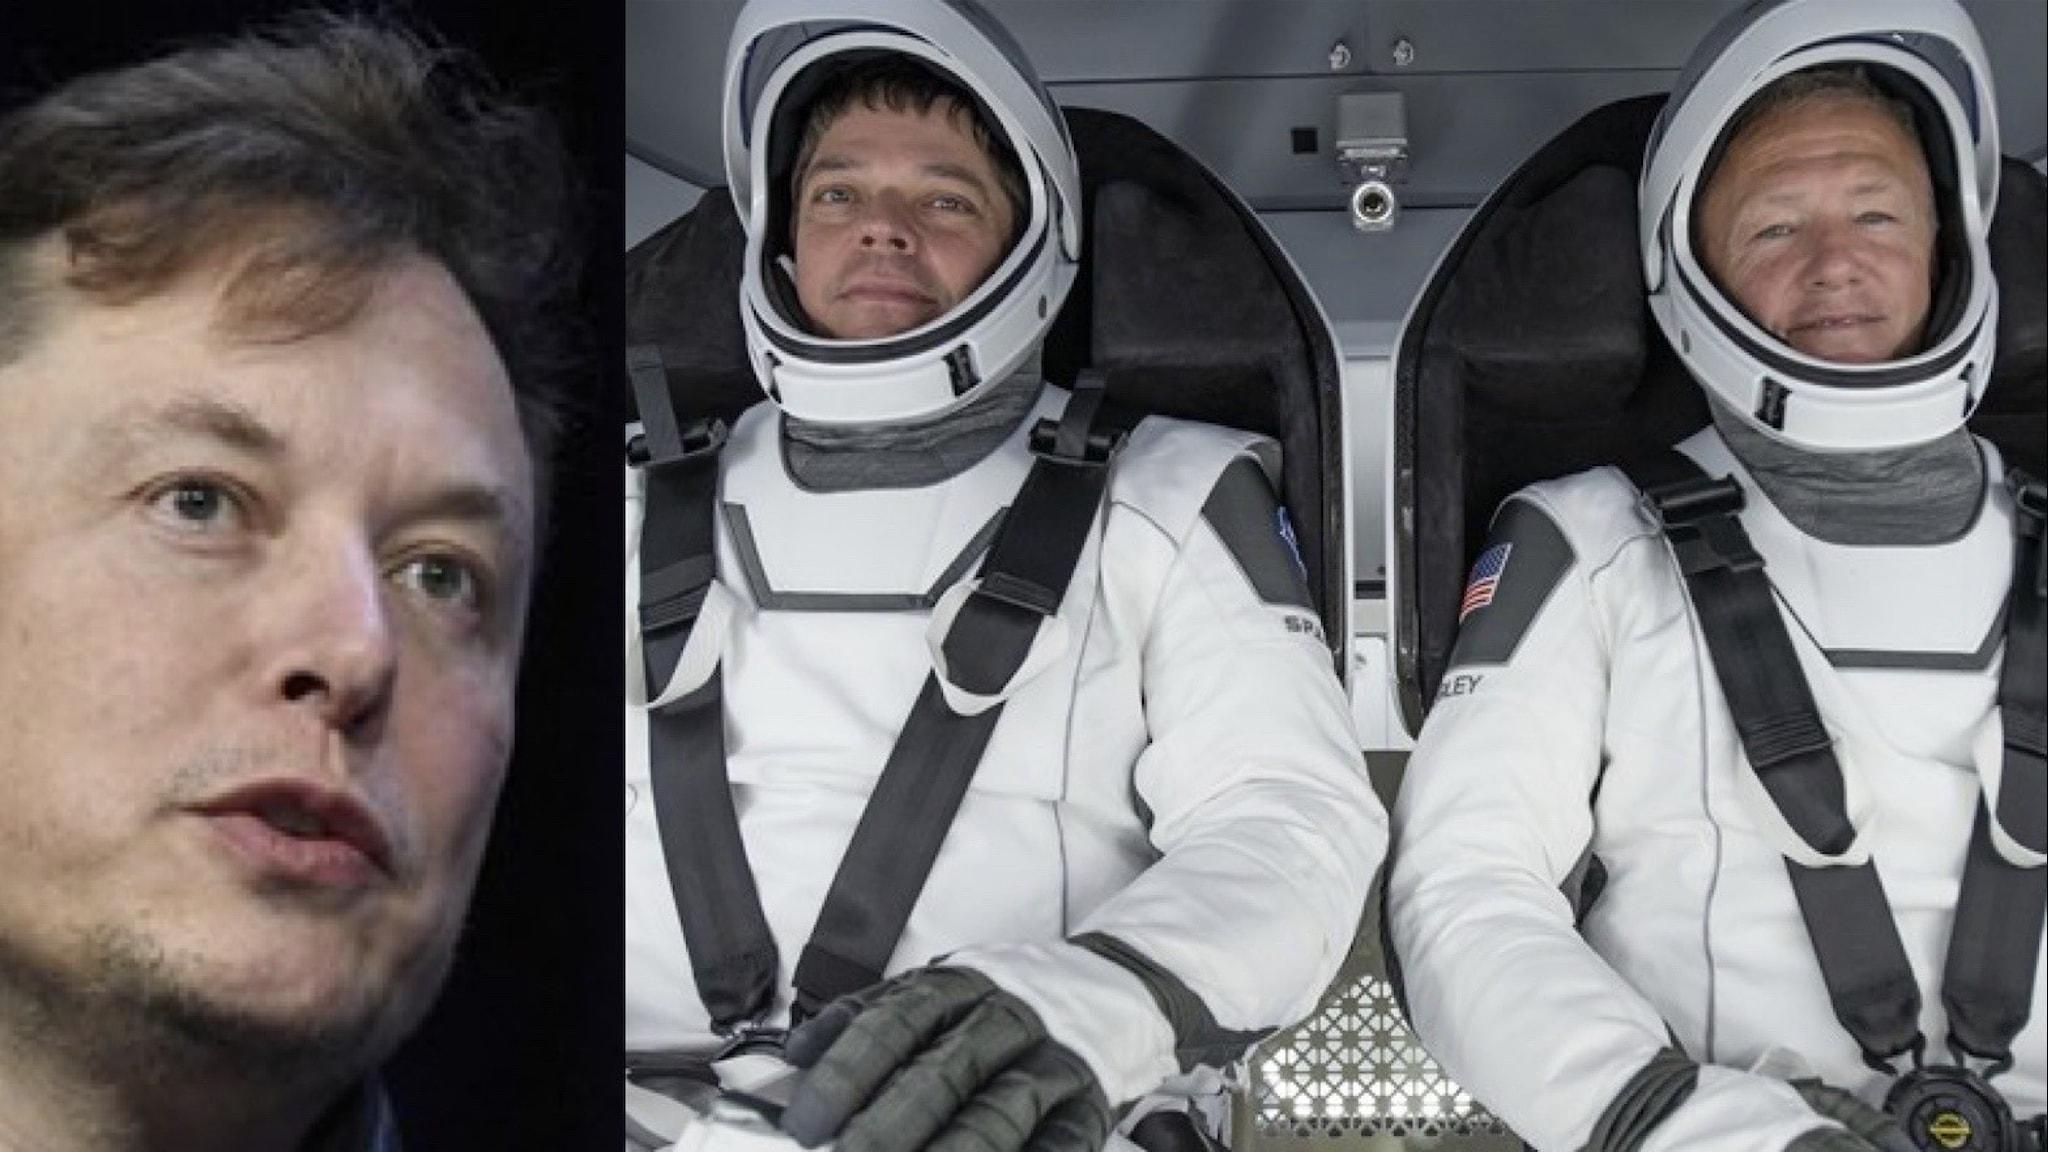 Bildmontage av Elon Musk, Robert Behnken och Douglas Hurley - de två senare i rymddräkt sittandes i rymdfarkost.